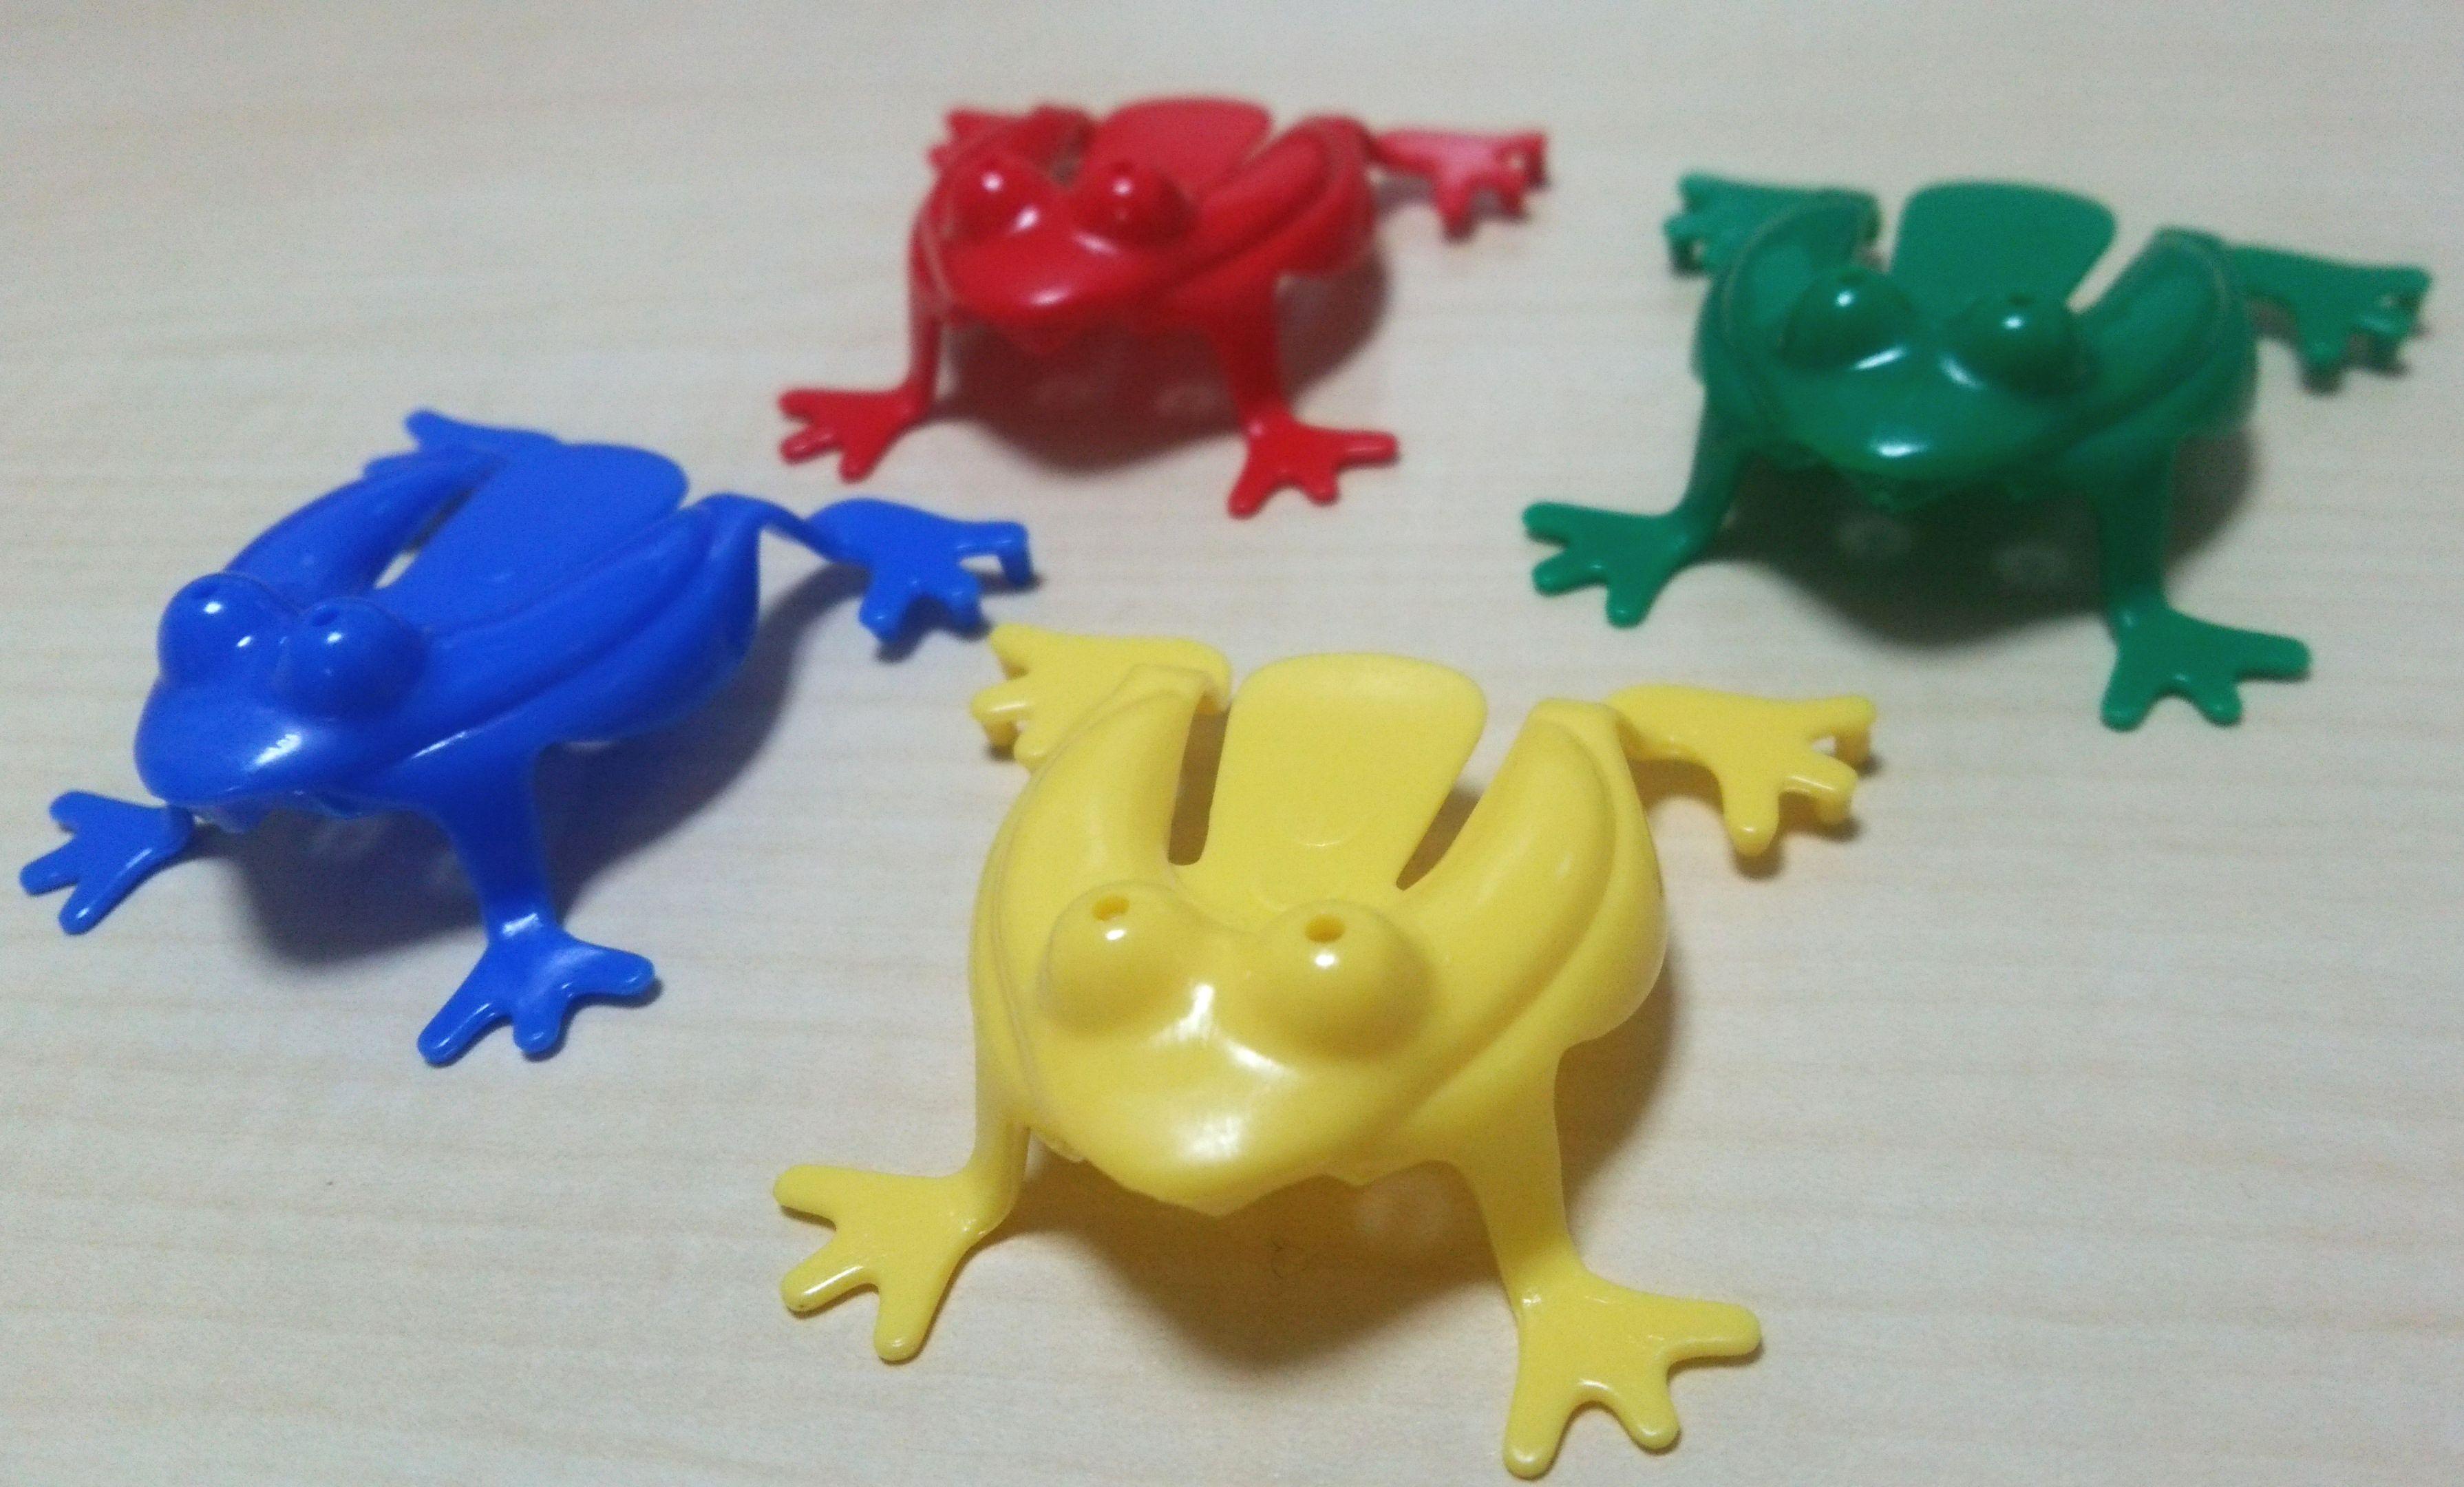 巧緻性をやしなうおもちゃ『かえるさんジャンプ』は、大人も意外とムキになる!?